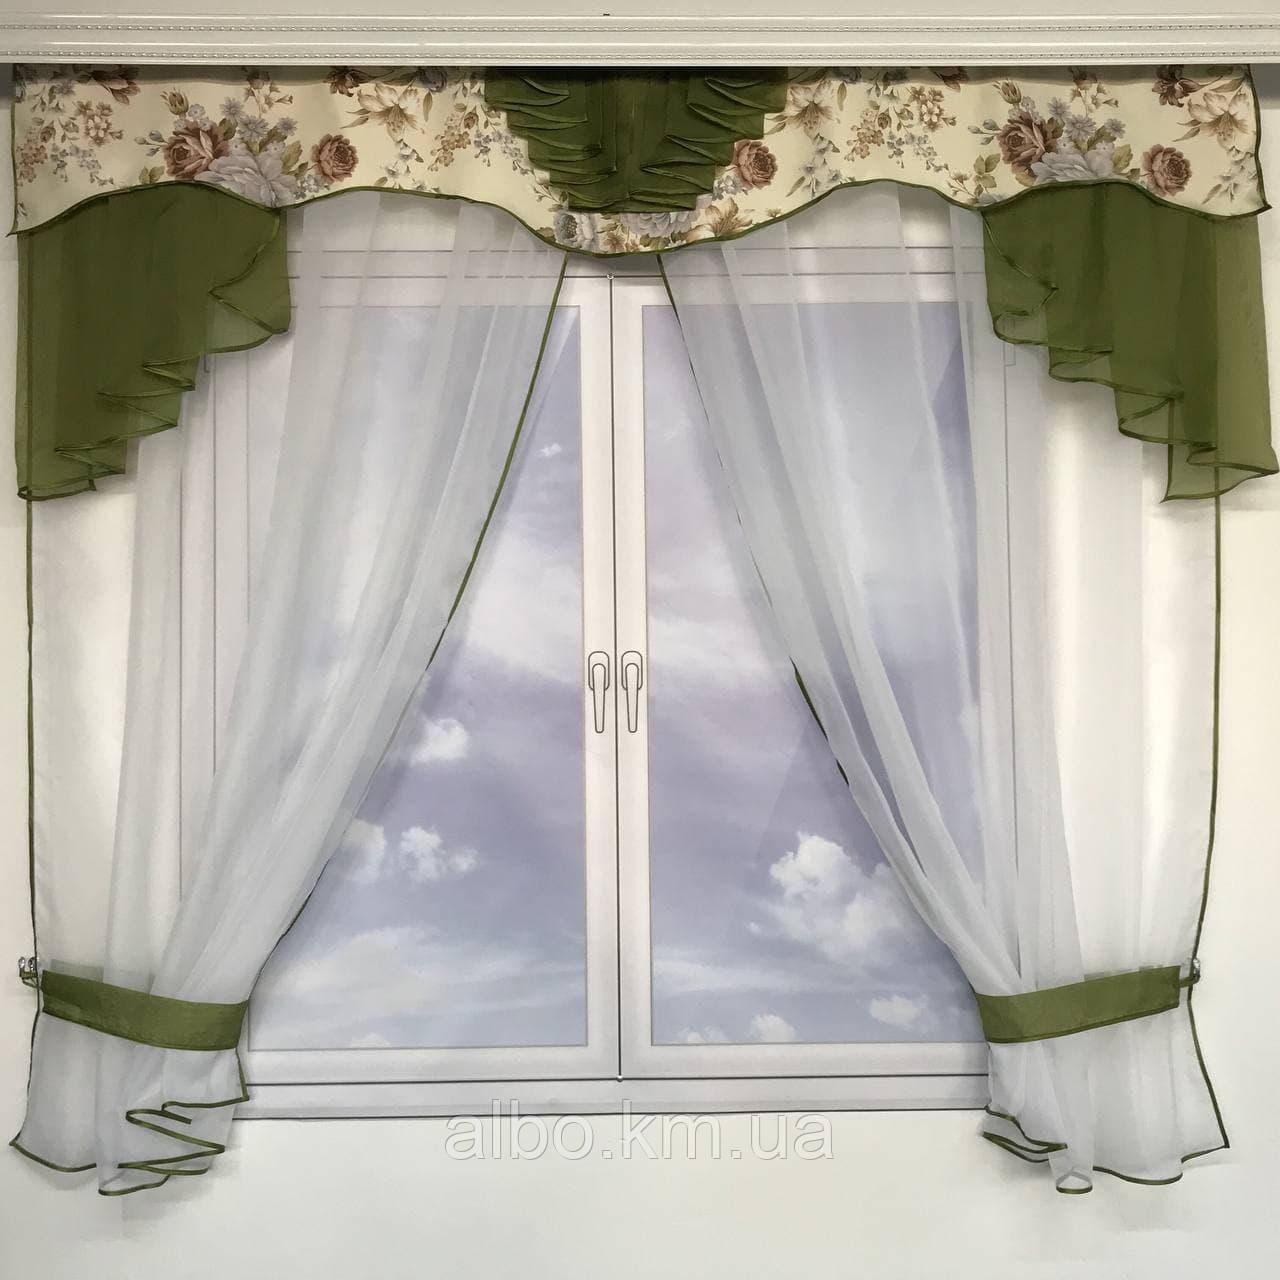 Тюль с ламбрекеном для спальни зала кухни комнаты, готовый красивый тюль для комнаты детской гостинной,